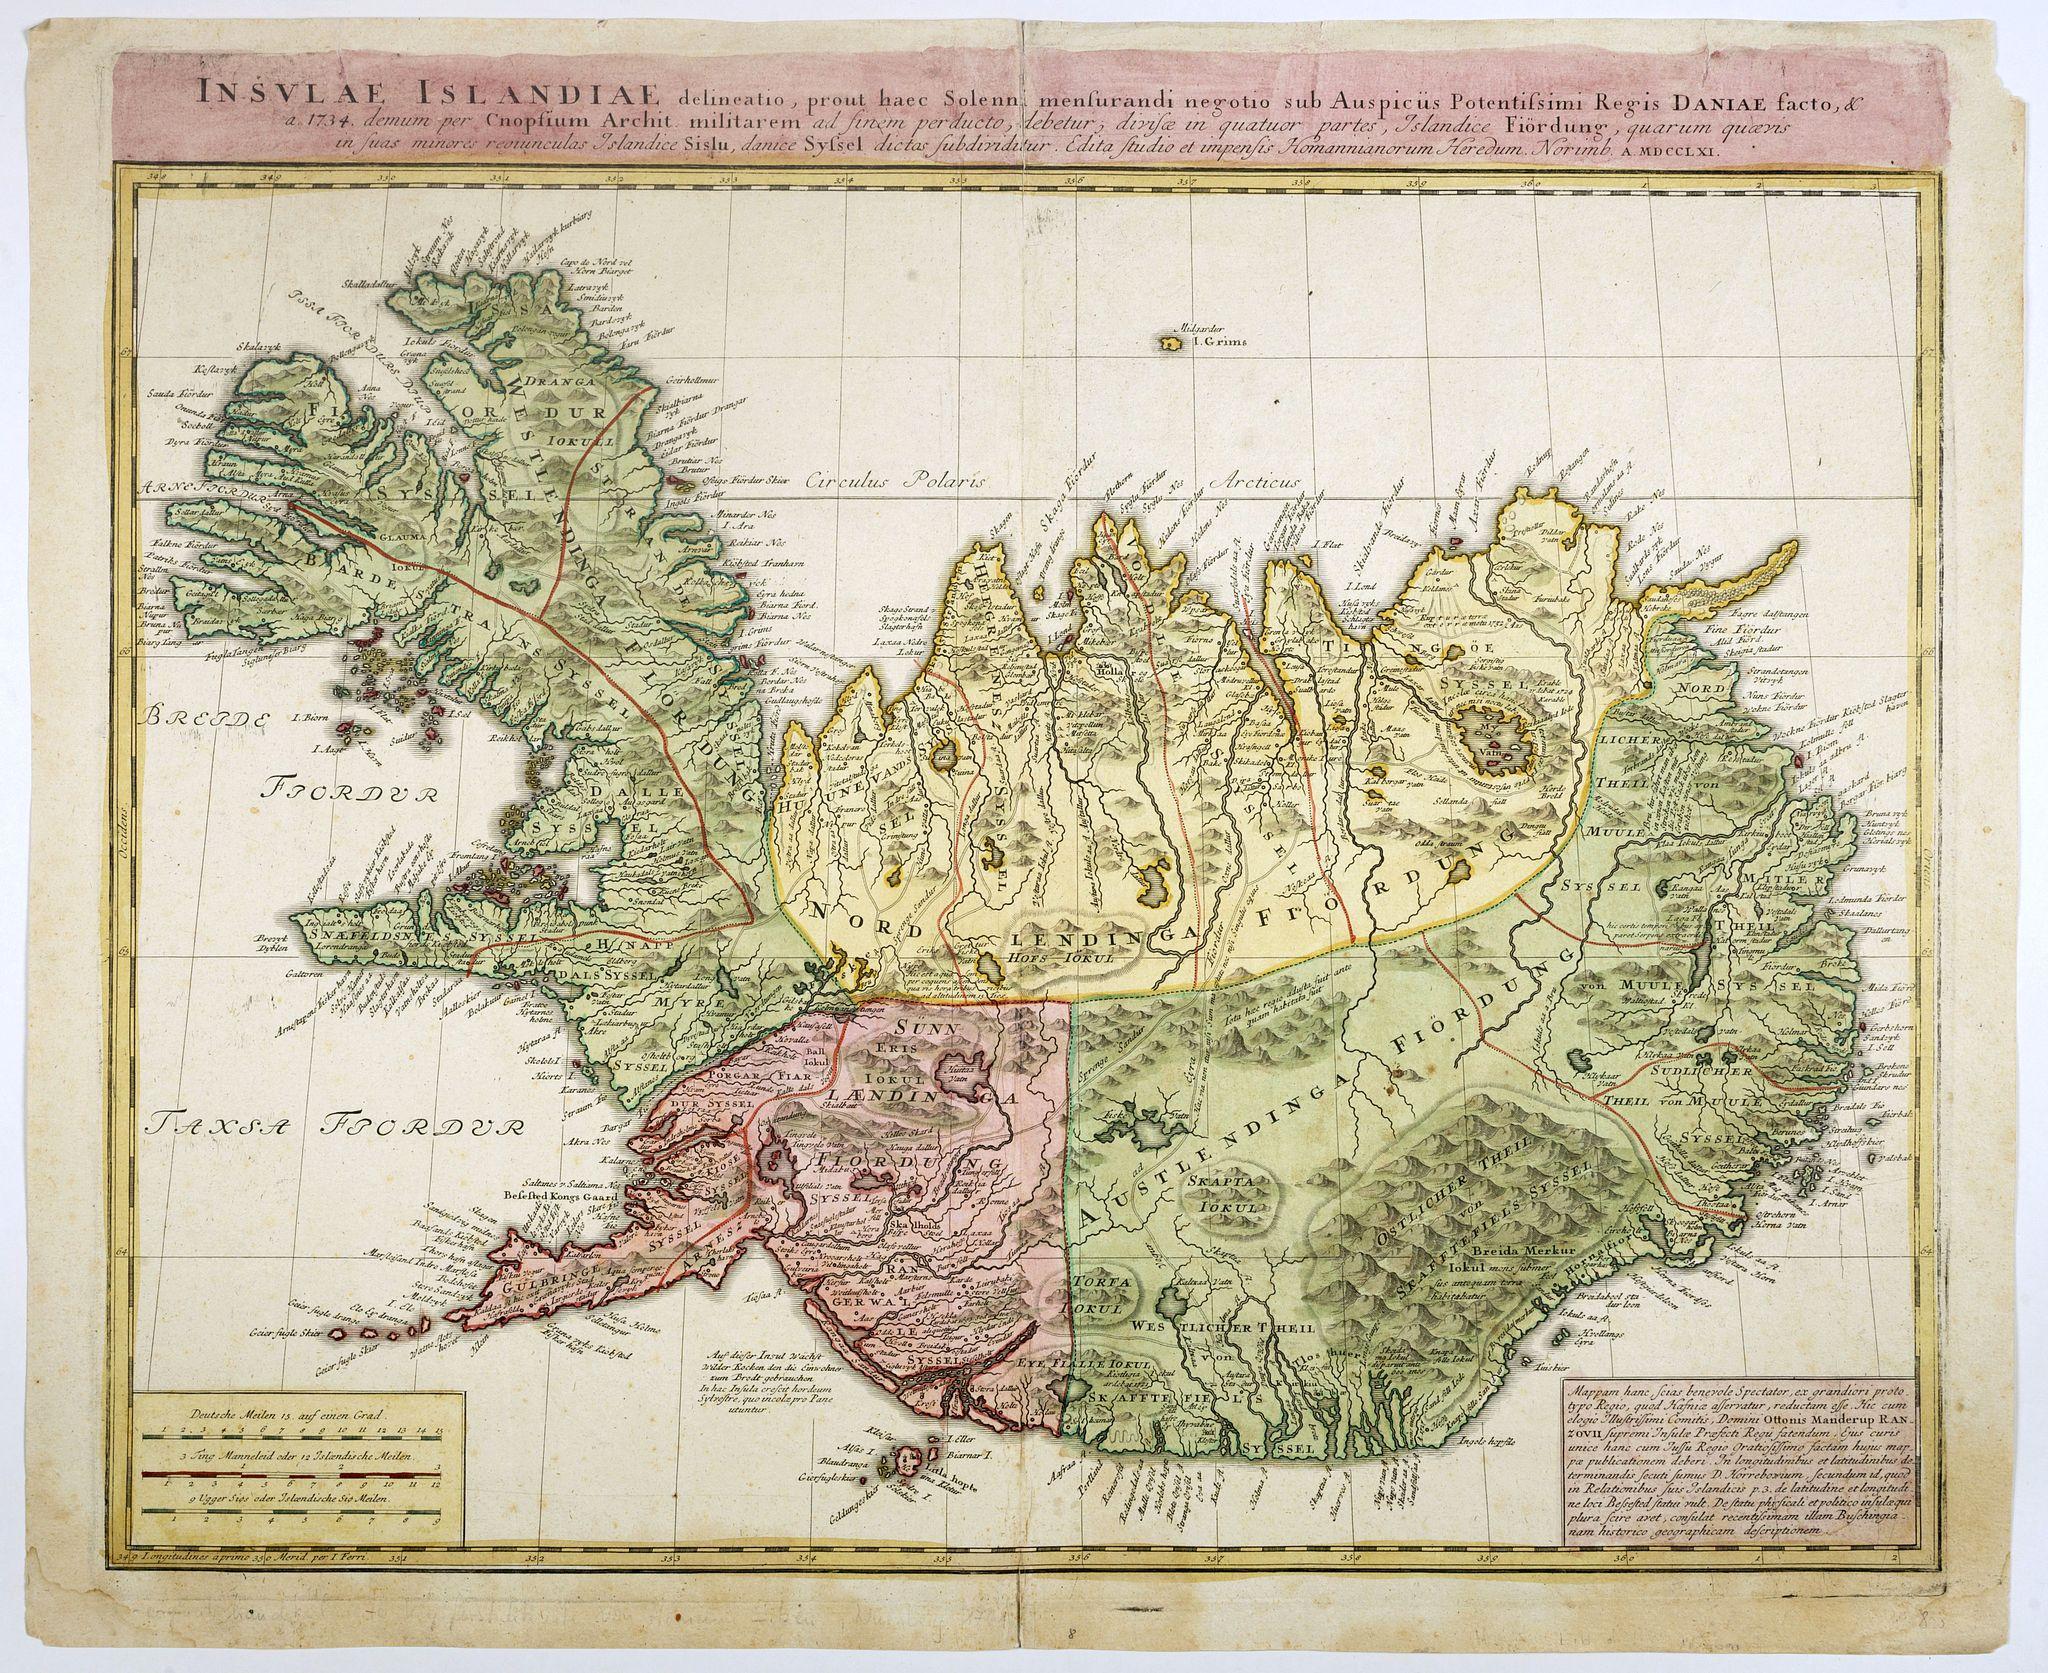 HOMANN, J.B. -  Insulae Islandiae delineatio : prout haec Solenni mensurandi negotio sub Auspiciis Potensissimi Regis Daniae facto . . .